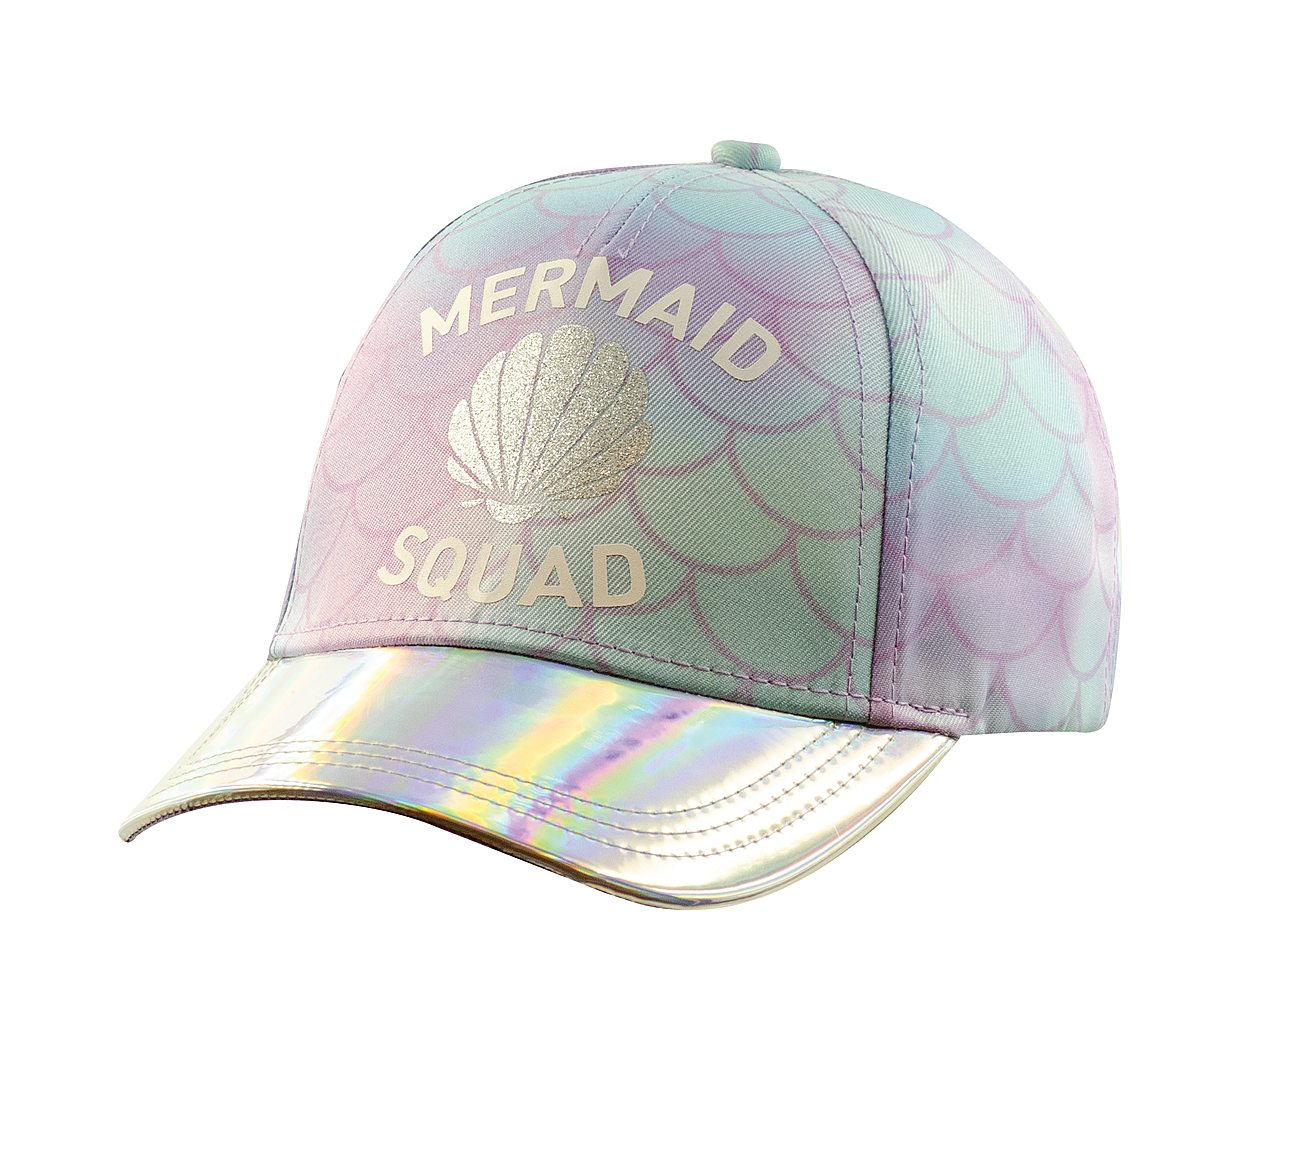 Mermaid Squad Adjustable Hat